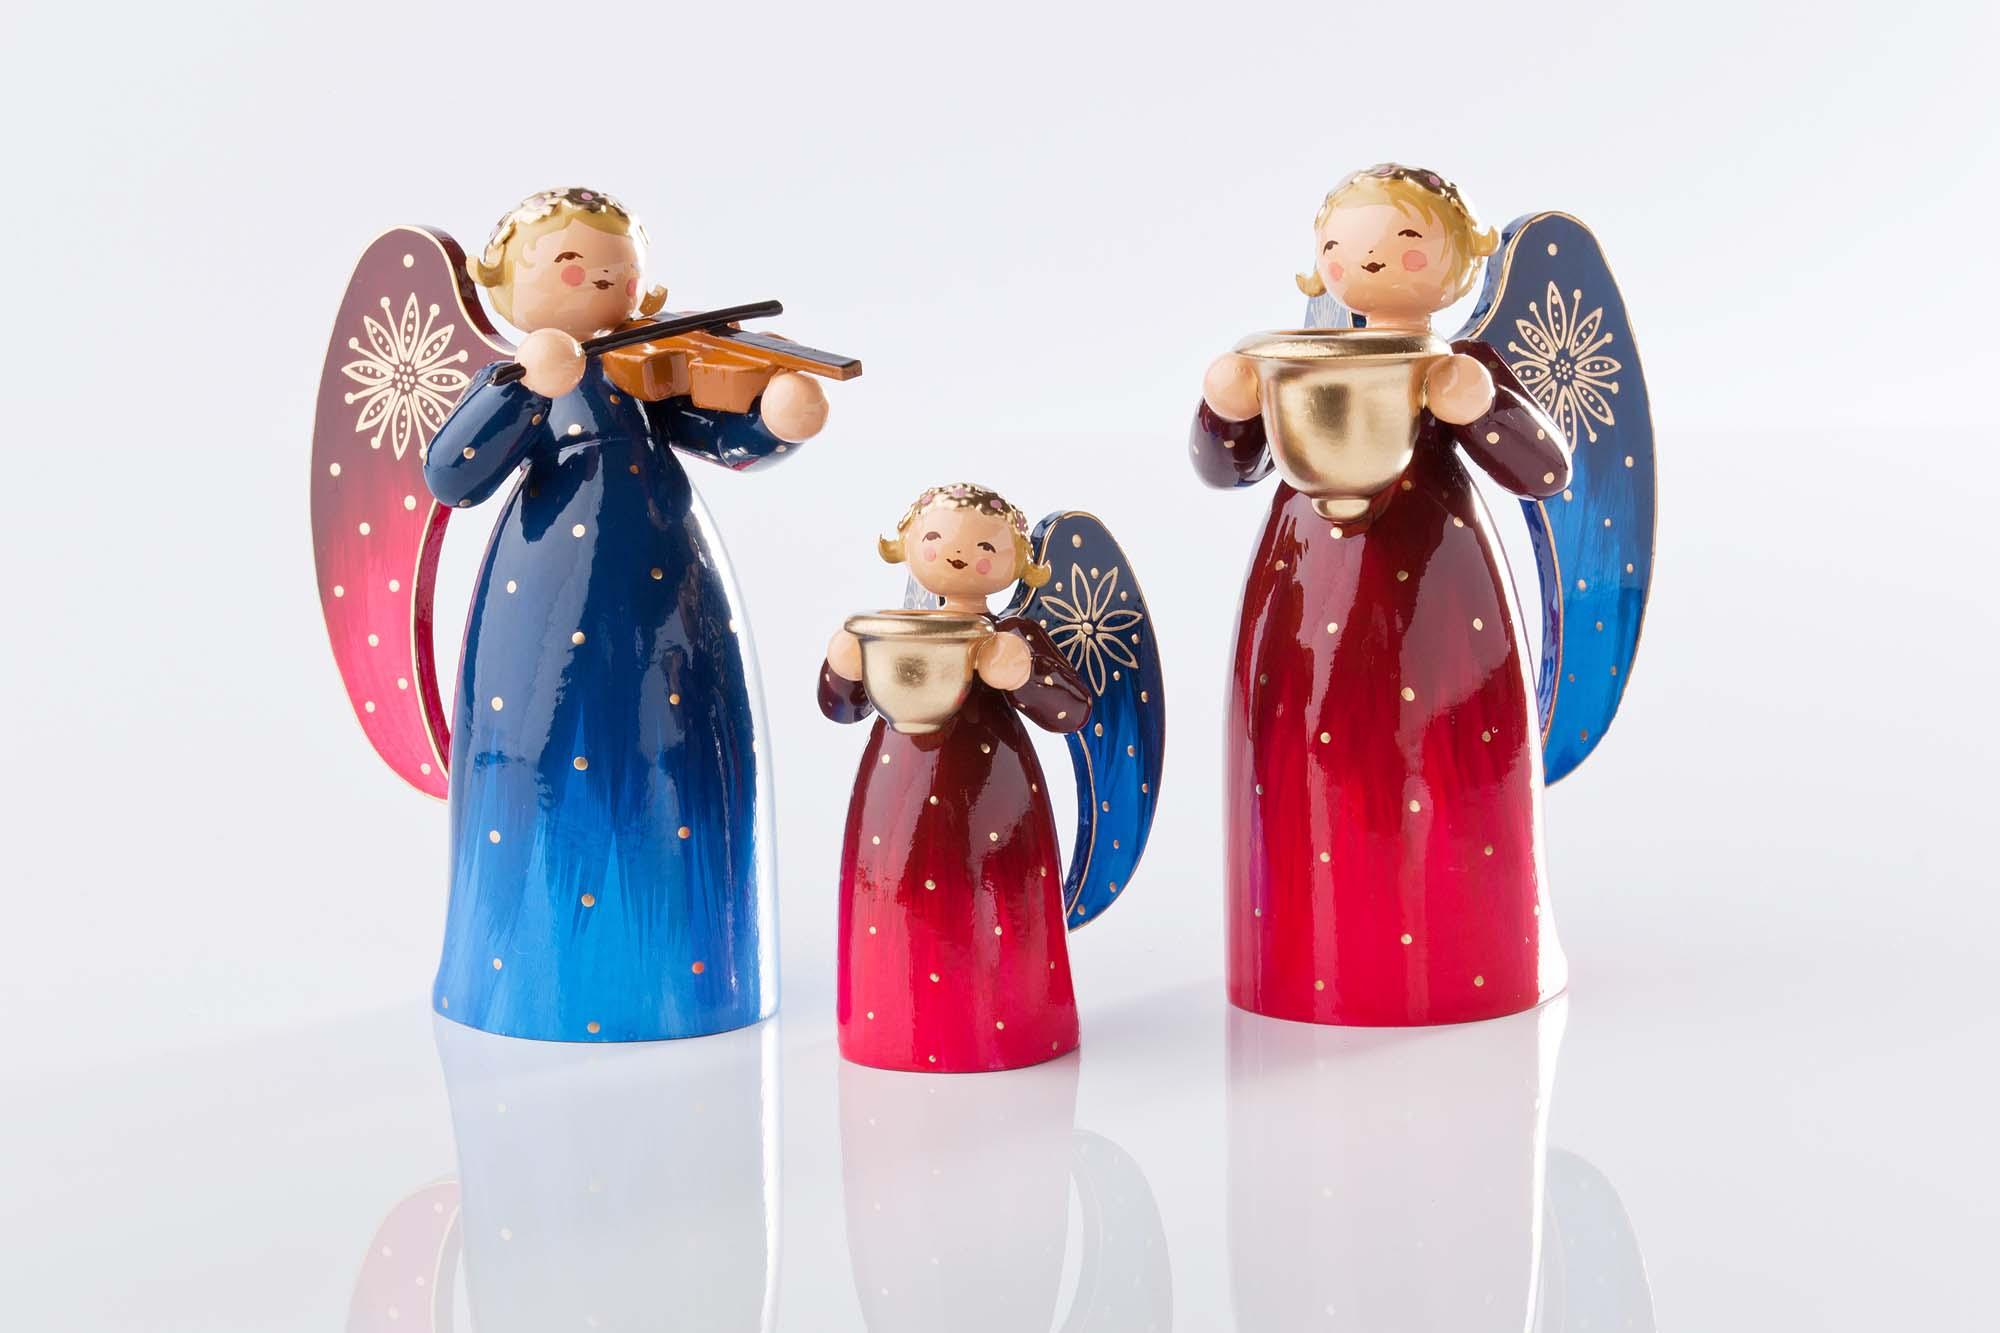 Engel reich bemalt, Violine 553/2R, klein mit Lichtnapf 553/R, mittel 553/1R